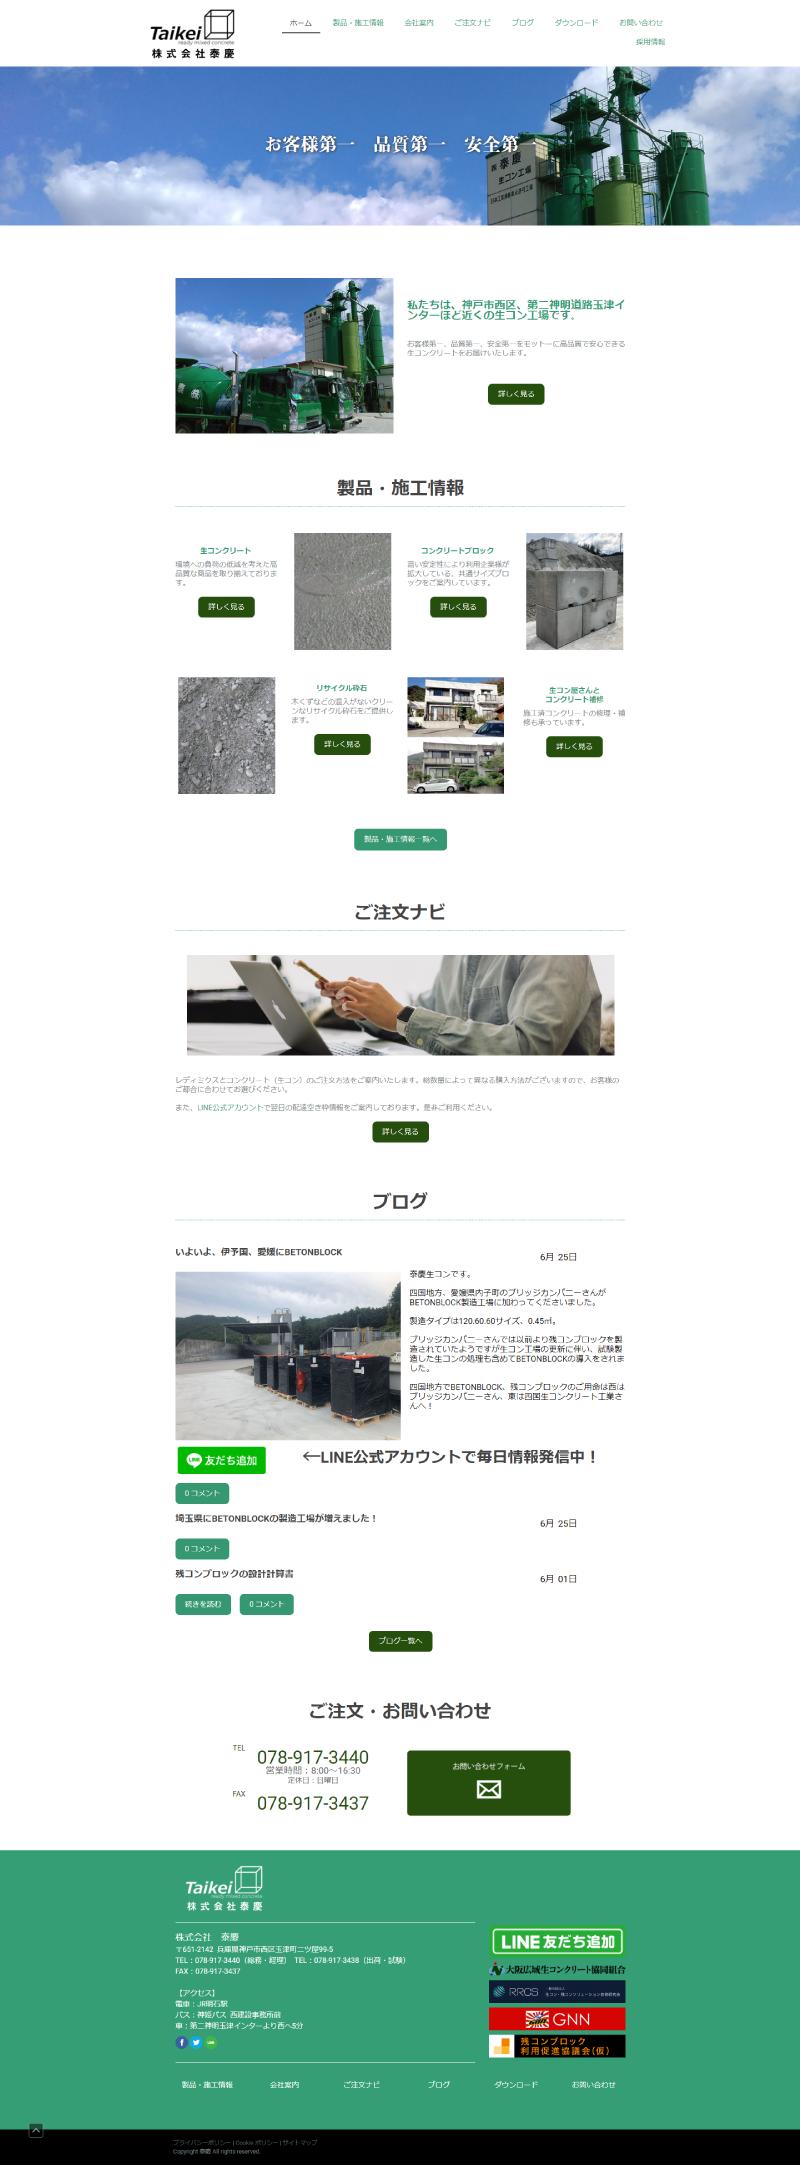 ホームページ制作実績株式会社泰慶様 コーポレートサイト制作